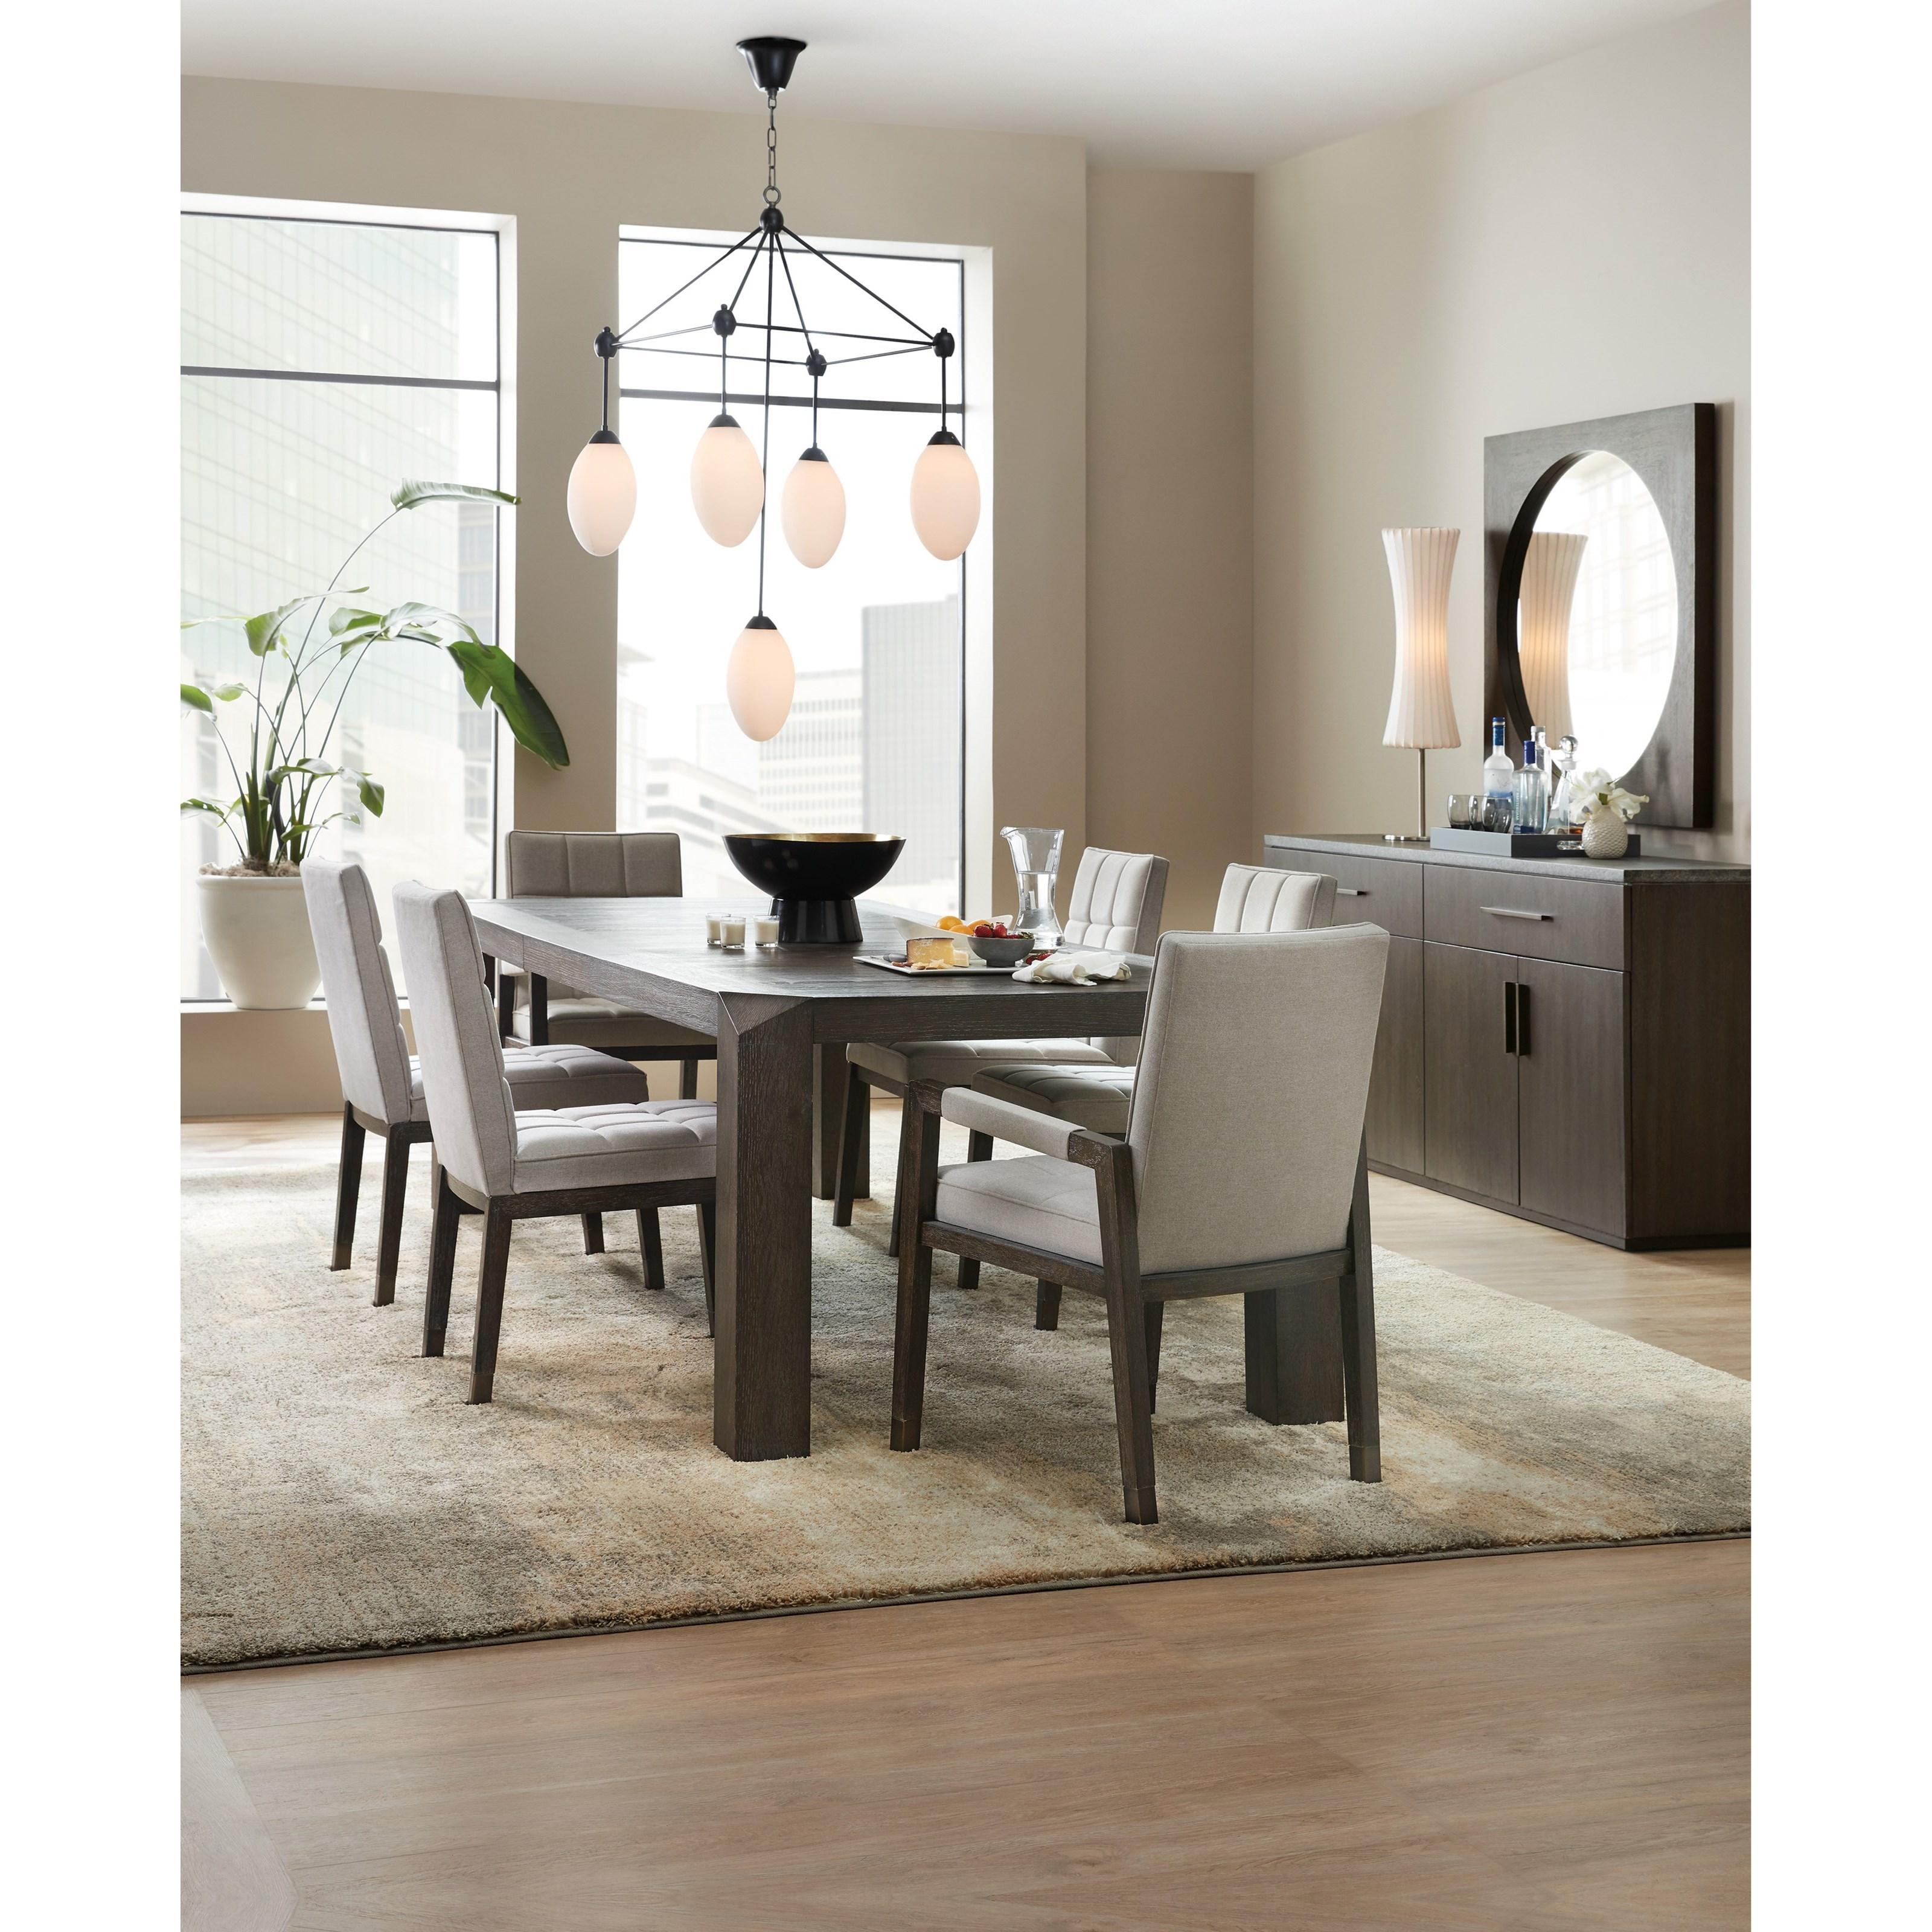 Hooker Furniture Miramar Aventura Formal Dining Room Group